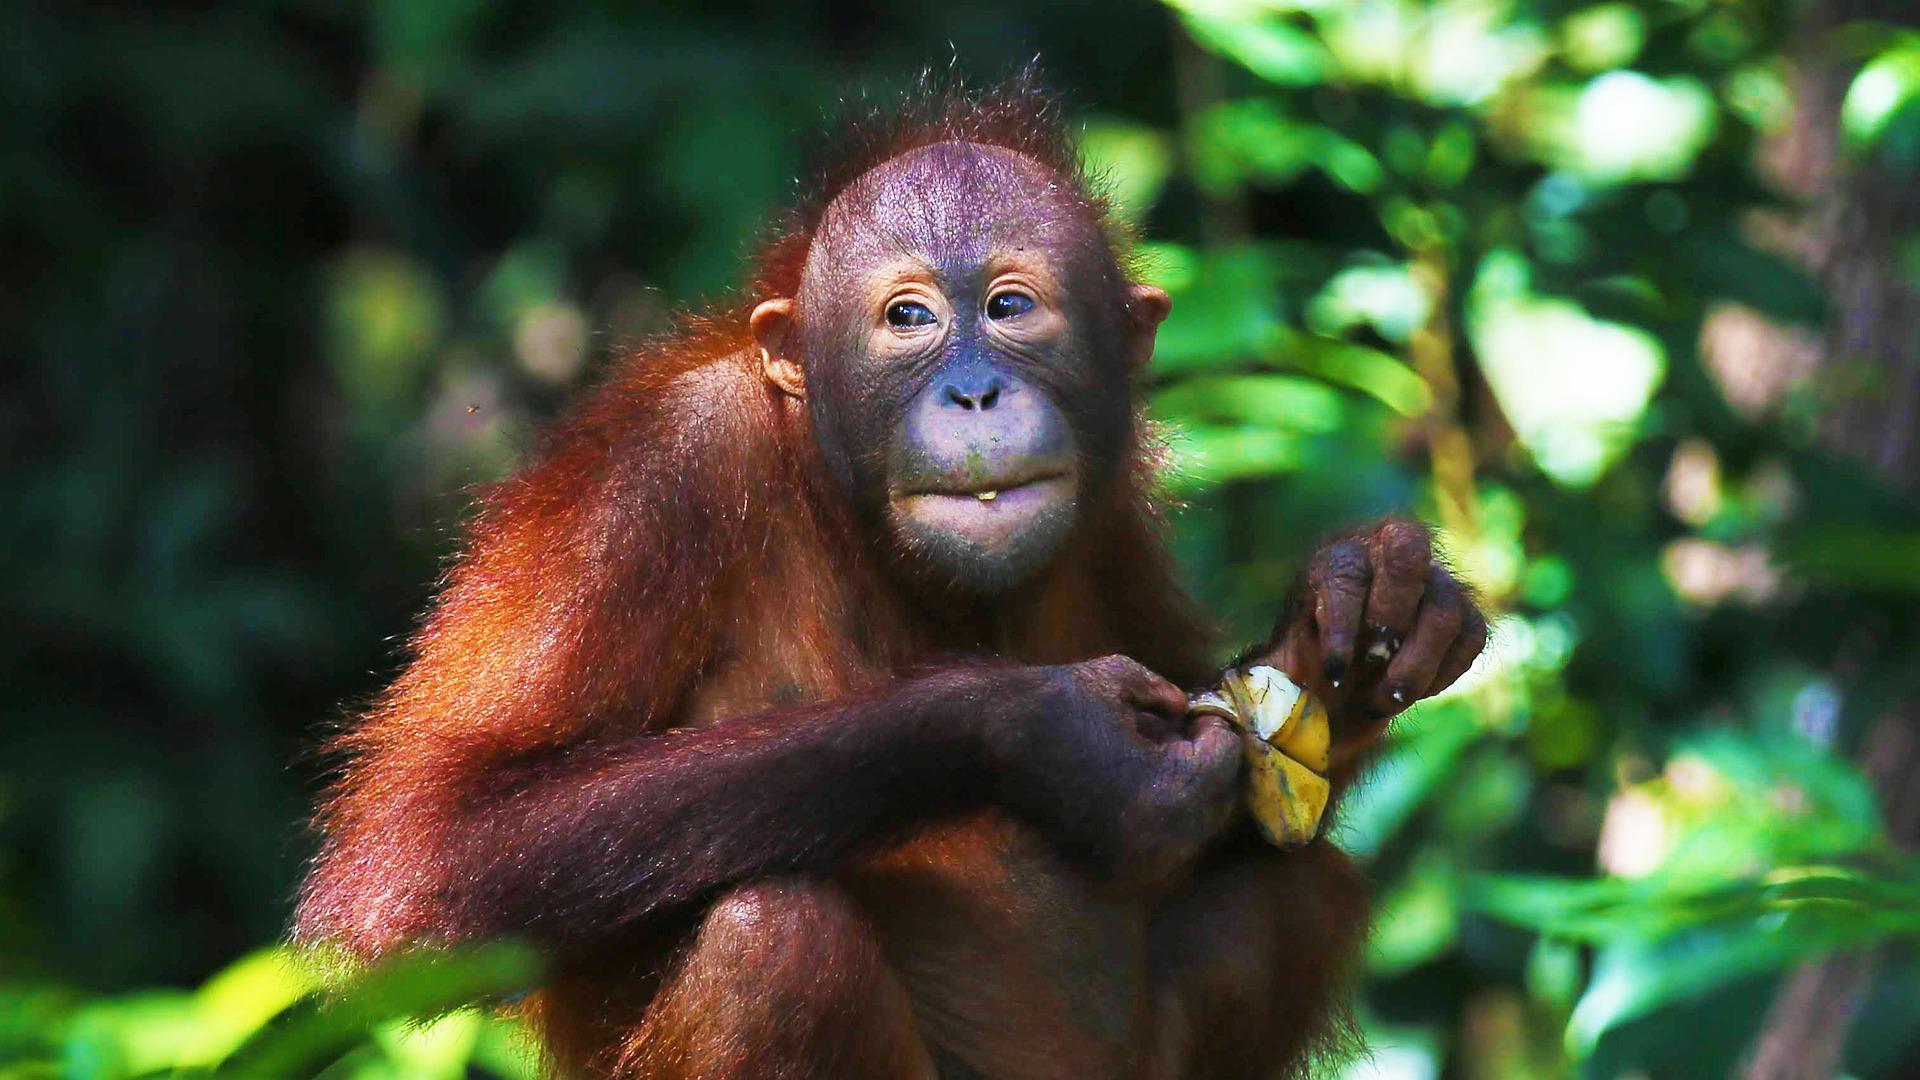 Orang-Utans fressen überwiegend pflanzliche Nahrung